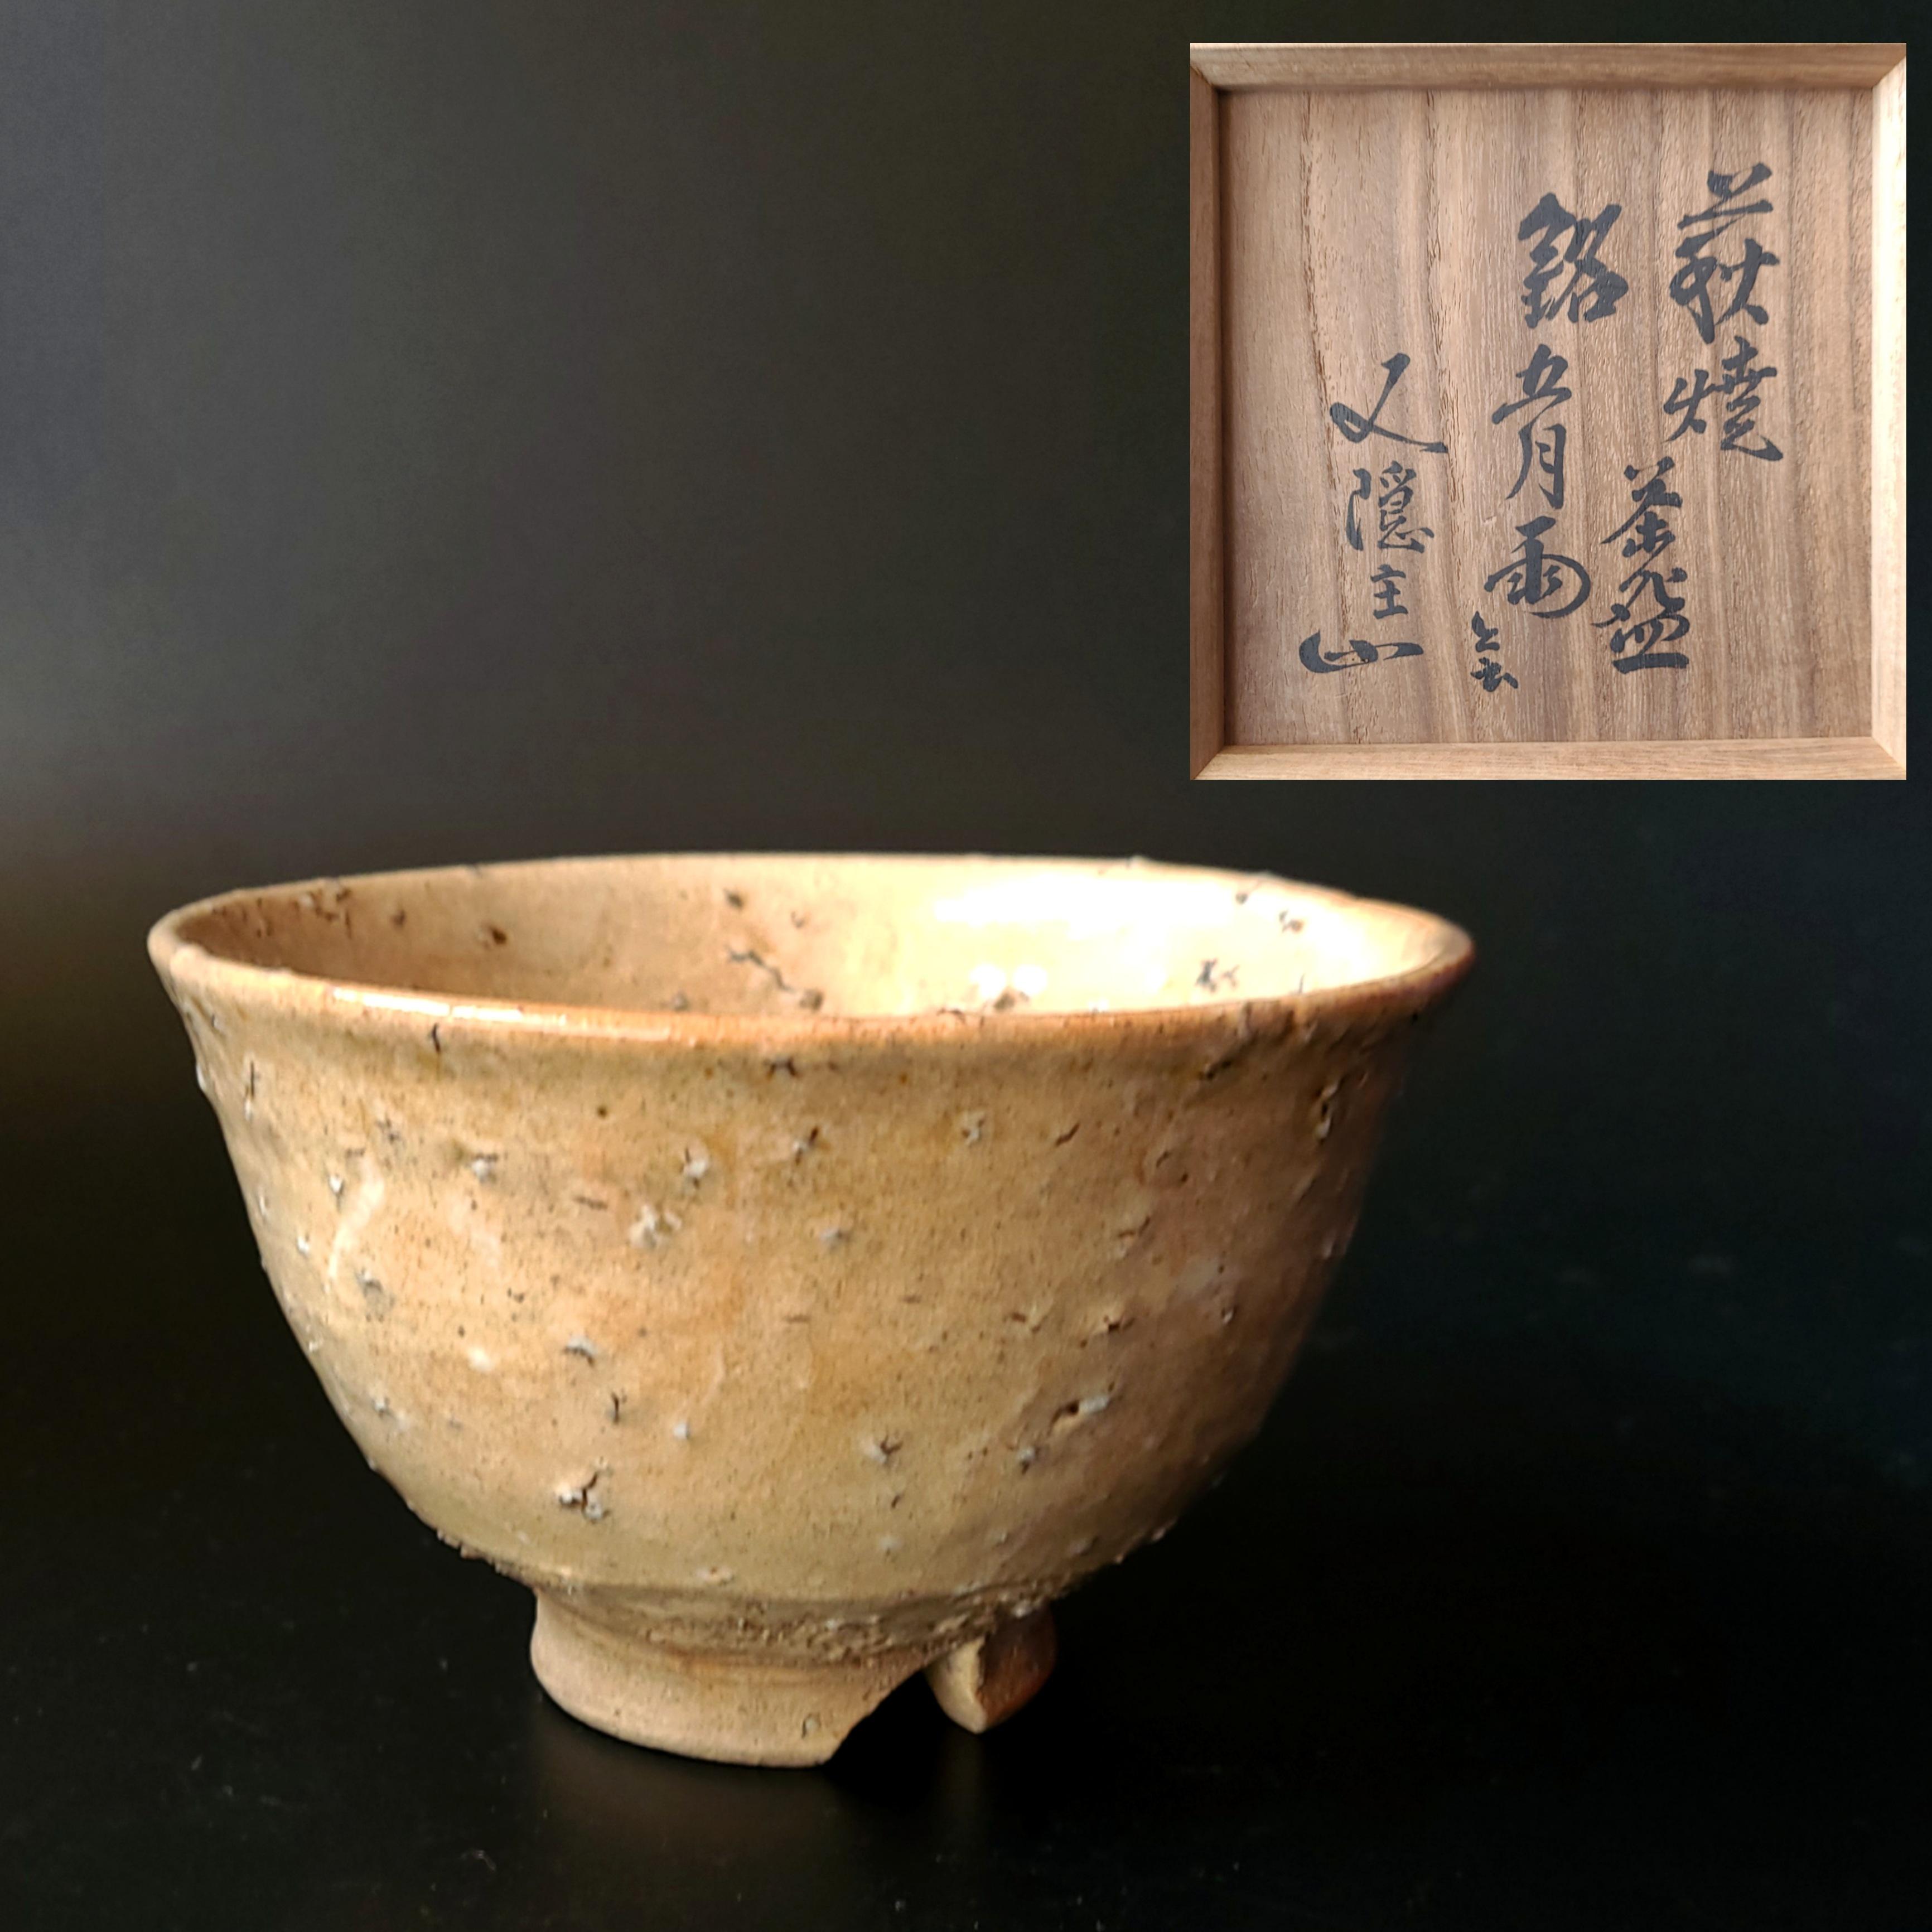 茶道具 大正時代 萩焼 茶碗 裏千家13代円能斎宗匠書付 銘「五月雨」江月印